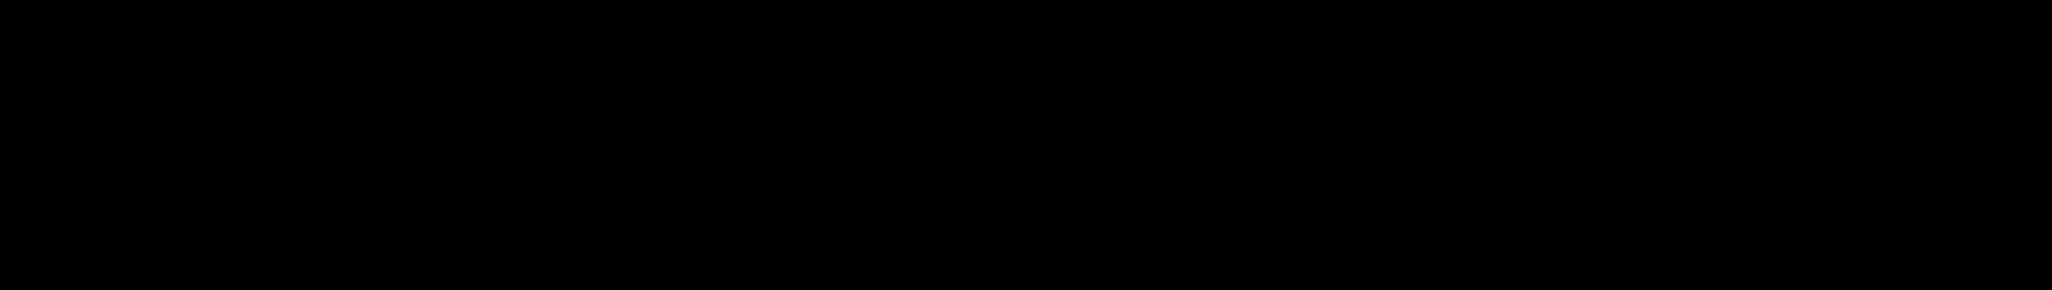 elbmenschen